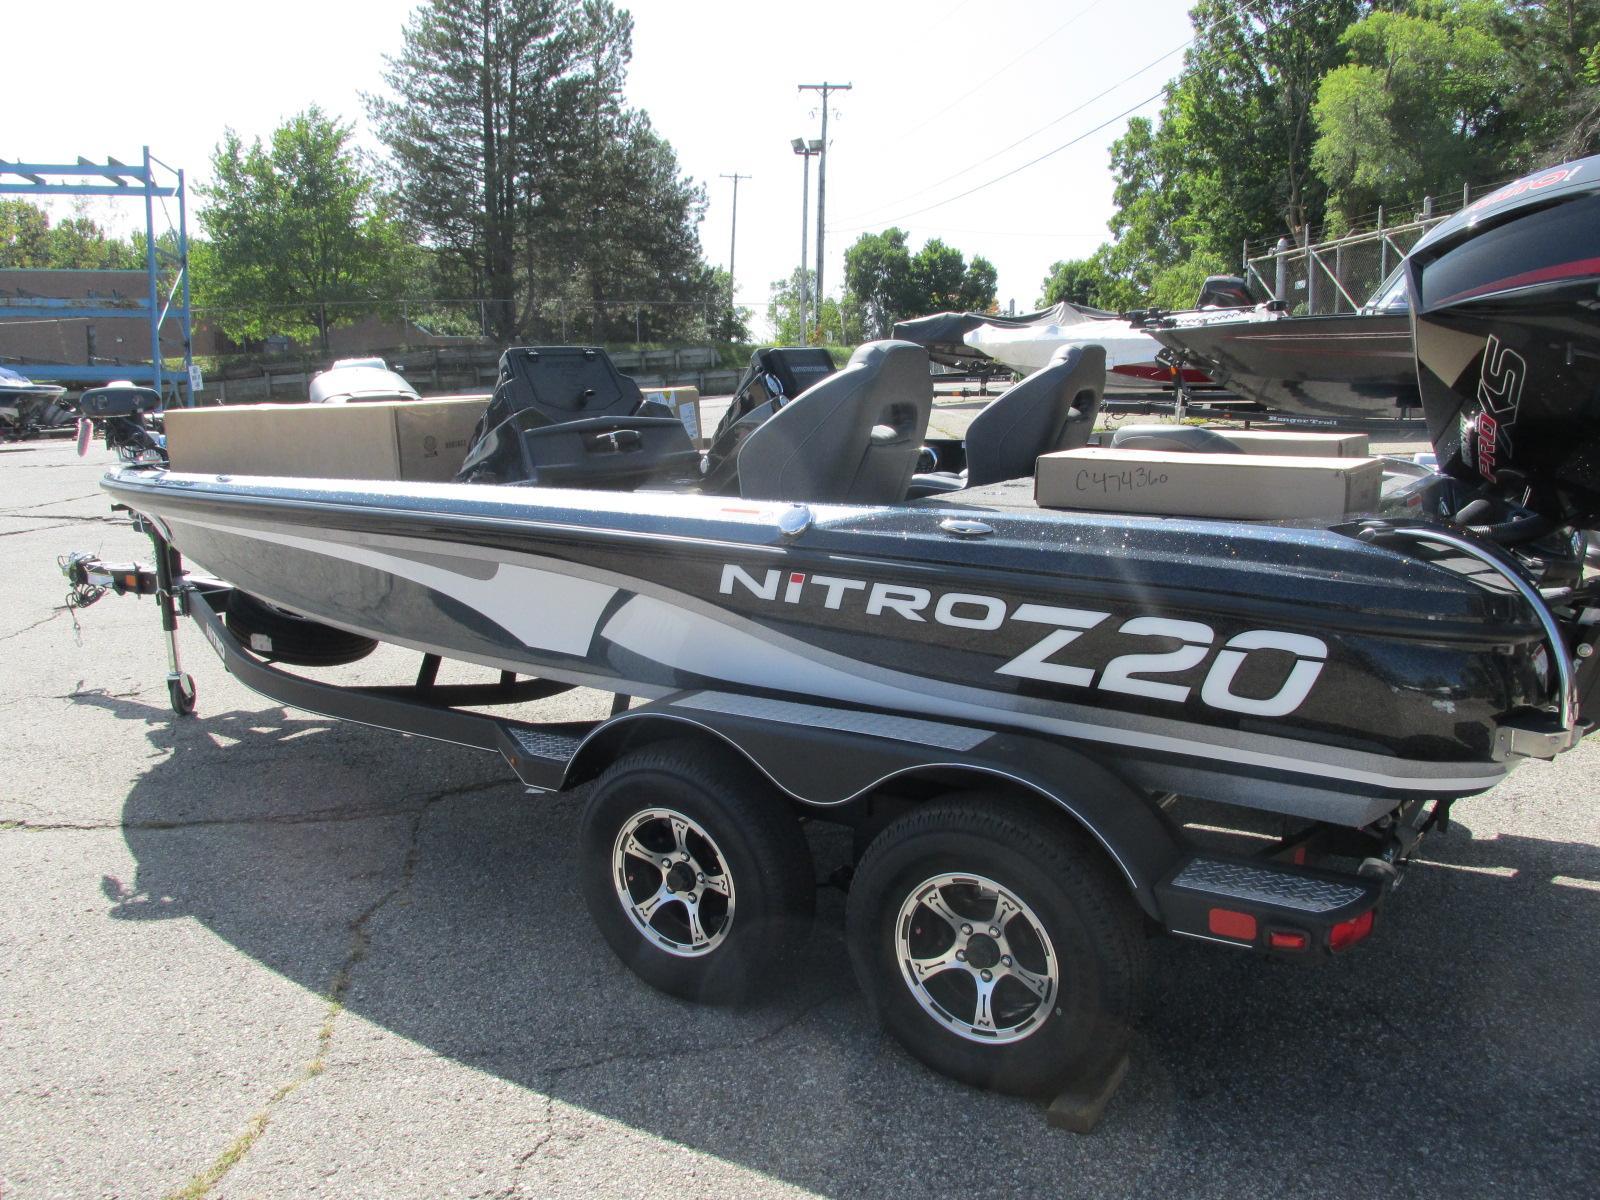 NitroZ20 Pro Pack